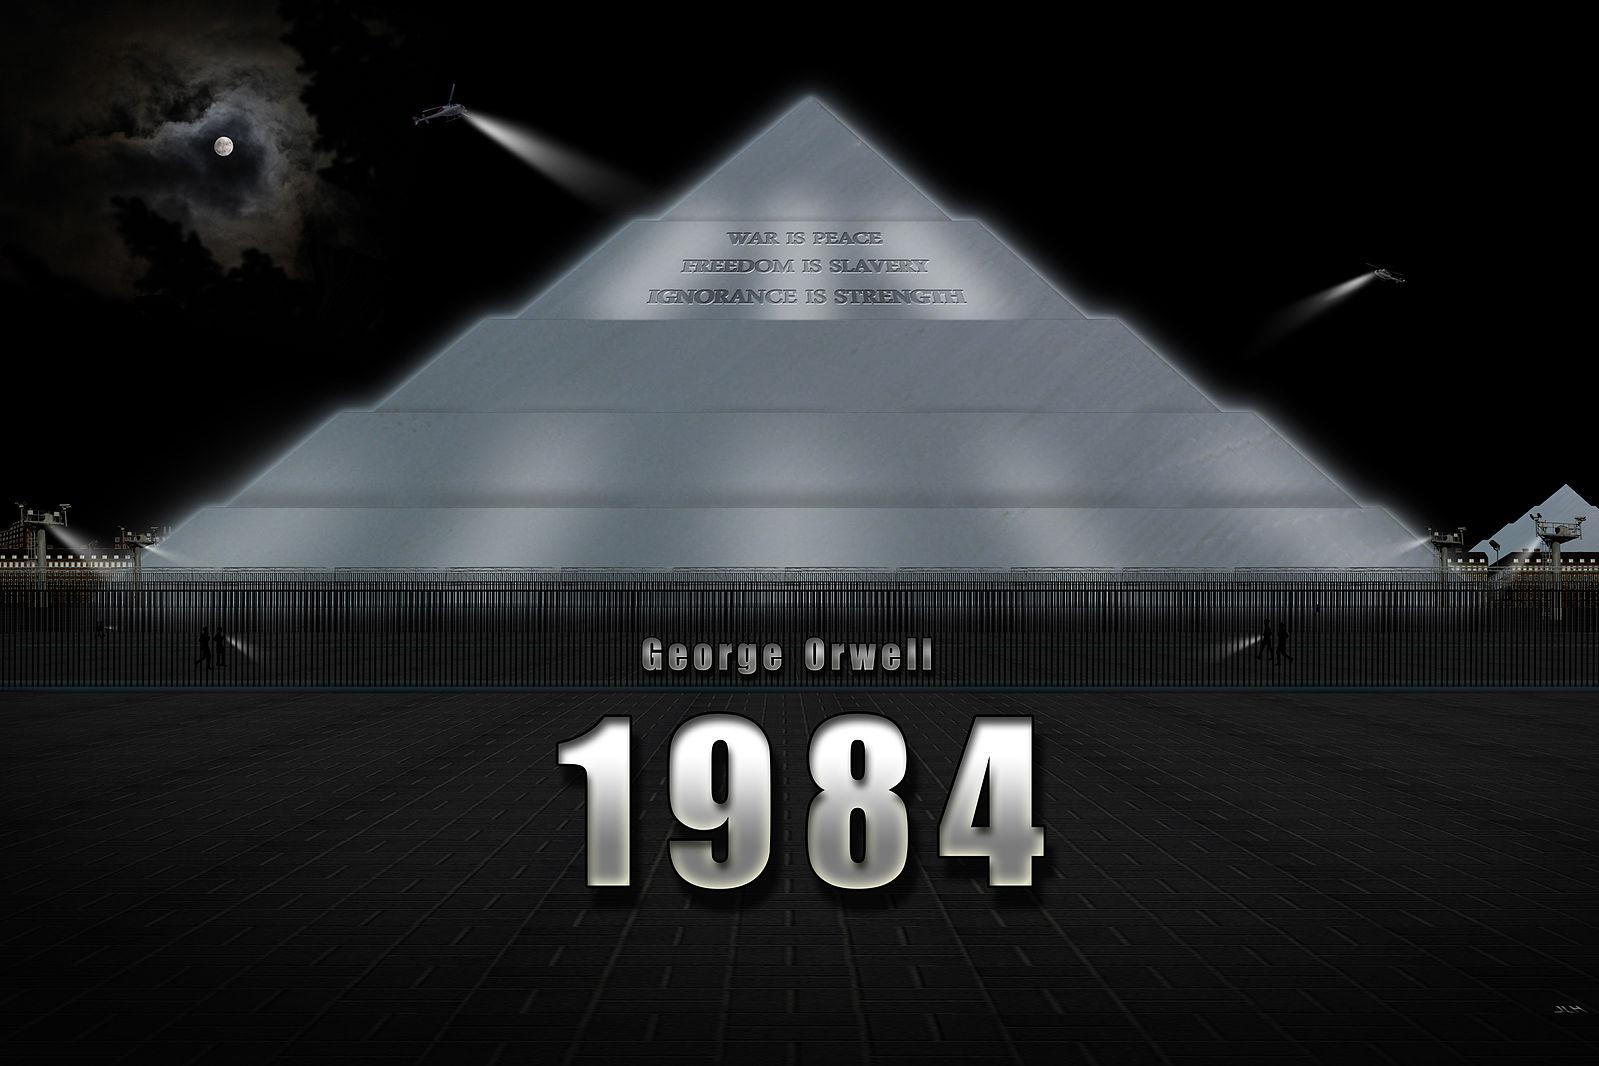 Président de Microsoft : l'IA peut transformer la vie en 1984 d'Orwell, la domination chinoise de l'IA est une menace majeure